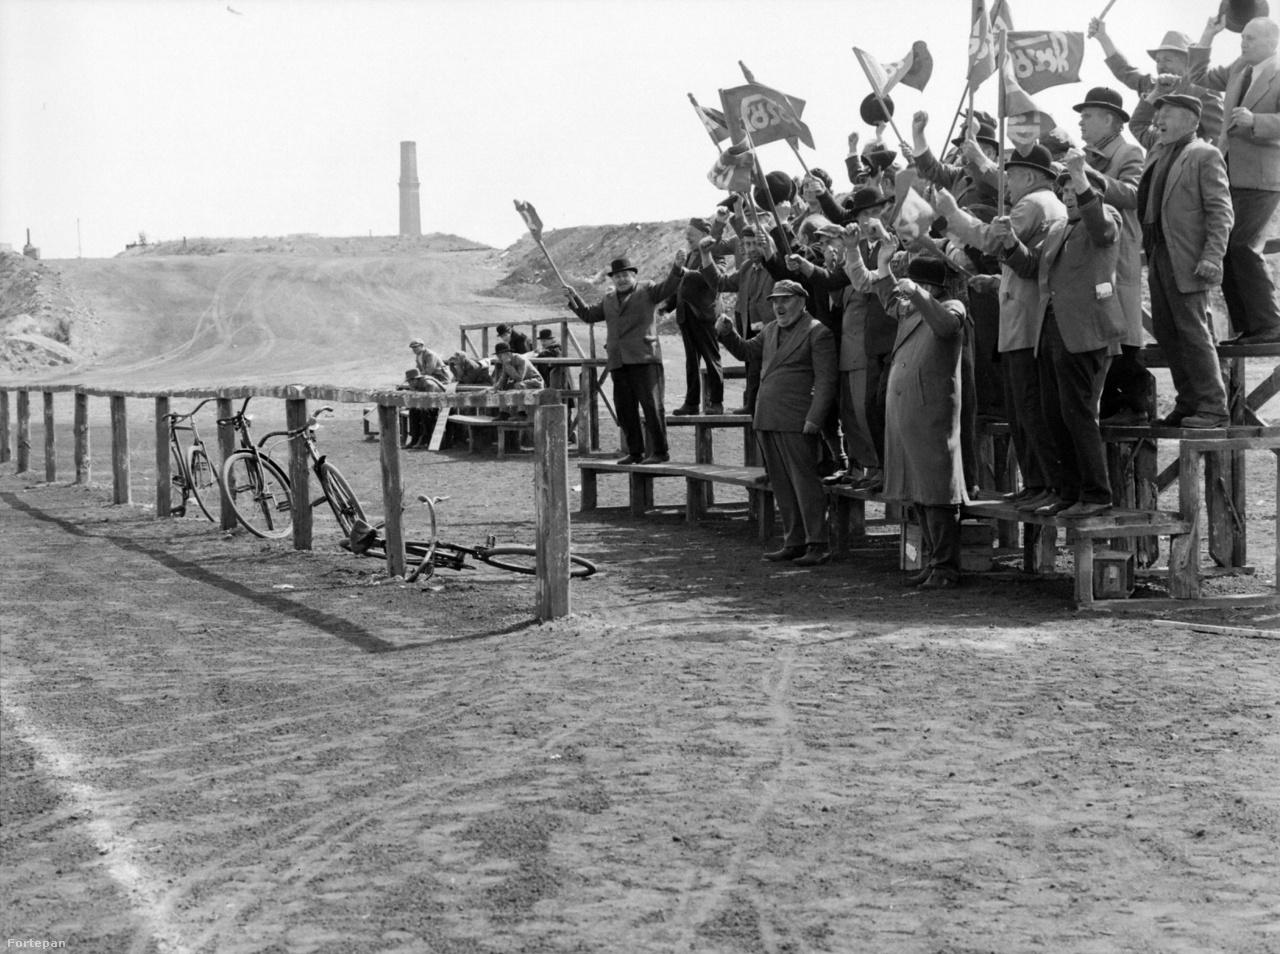 Szurkolók a Csabagyöngye meccsen - az ellenfél oldalán.